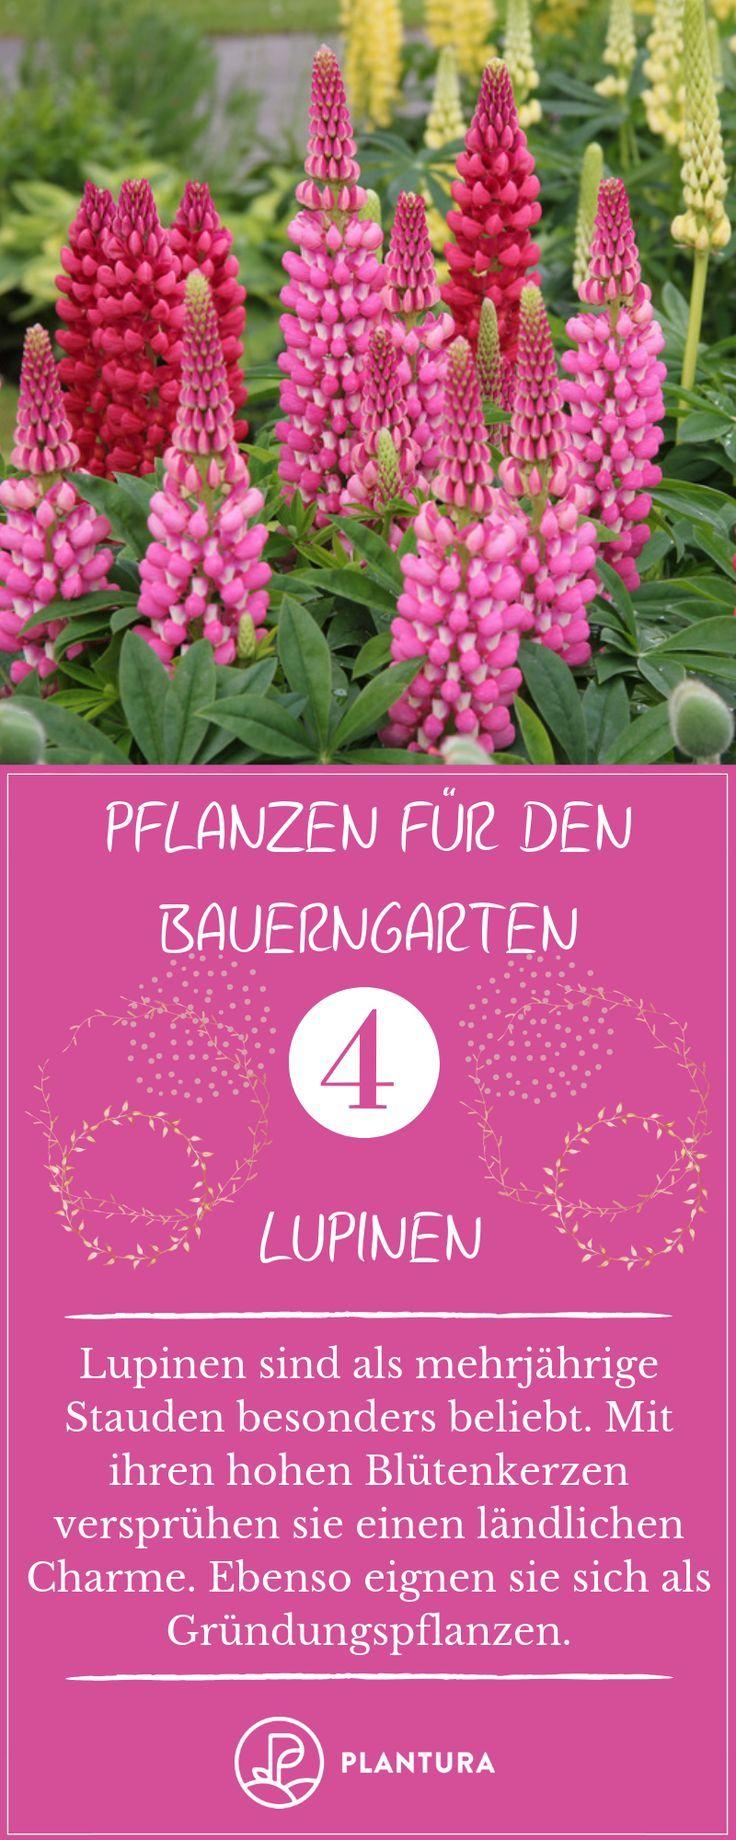 Bauerngarten: Die besten Pflanzen & Tipps zum Anlegen - Plantura #cottagegardens